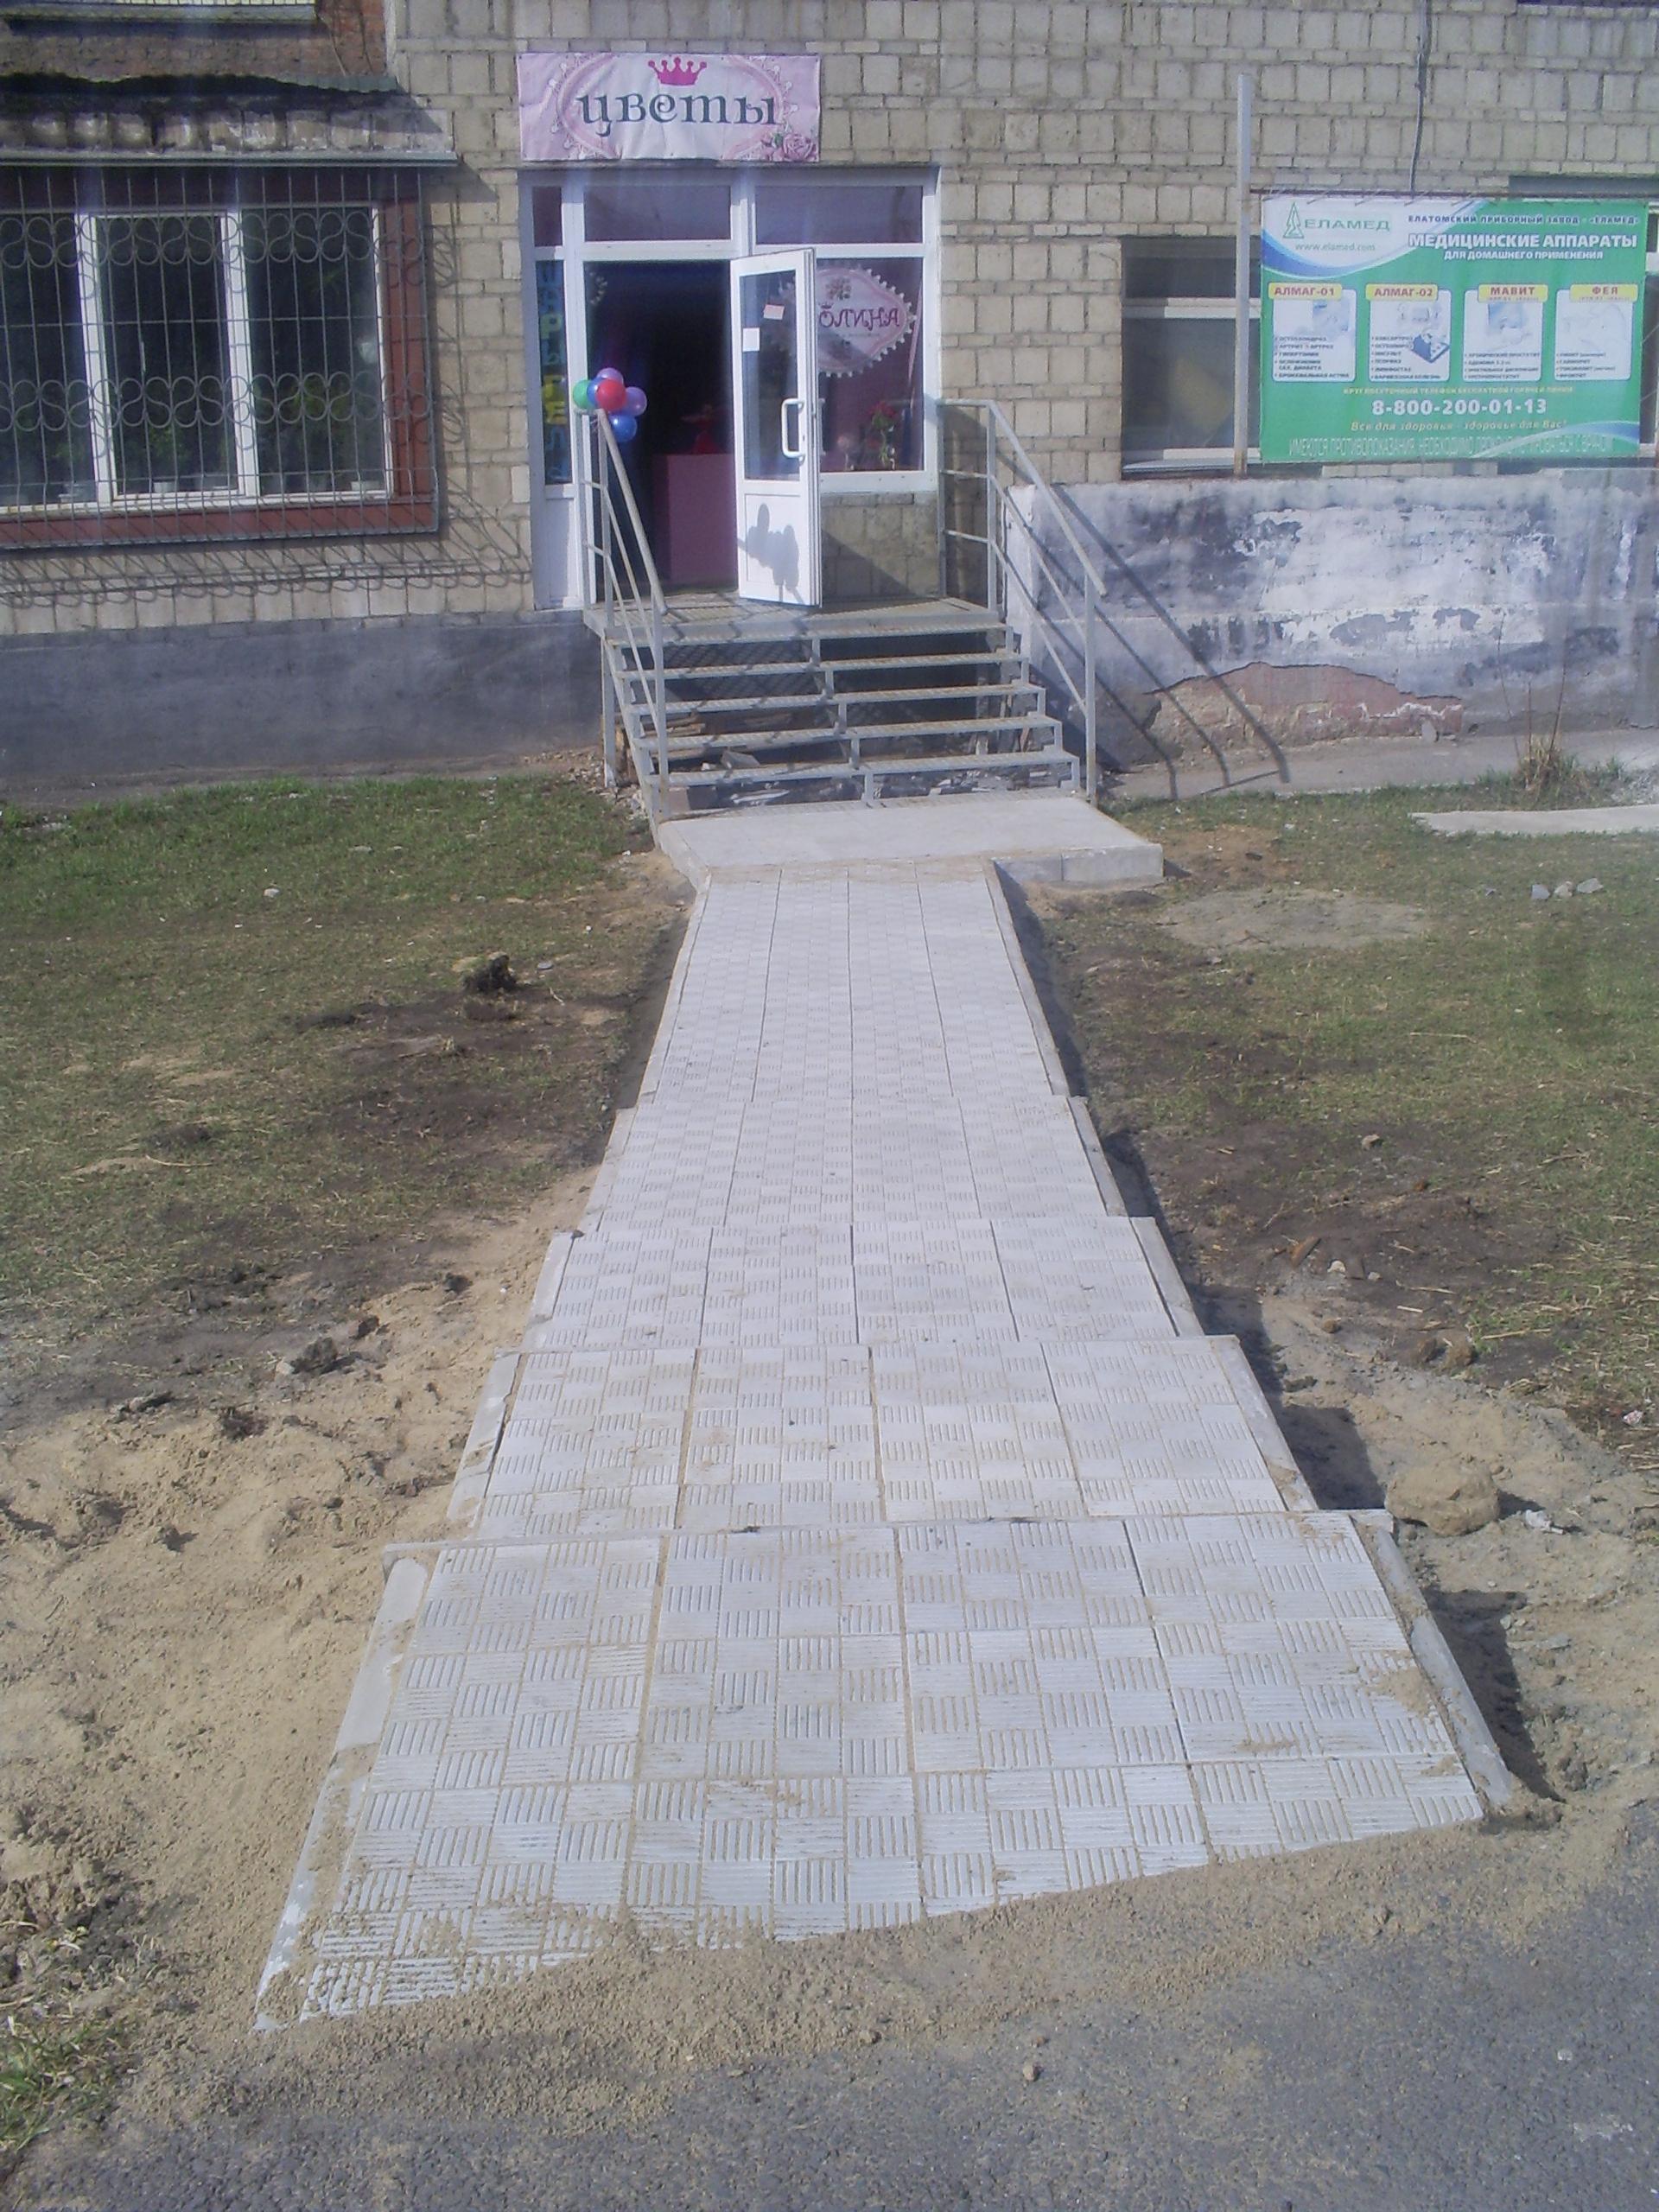 http://plitka-omsk55.ru/images/upload/S5031161.JPG